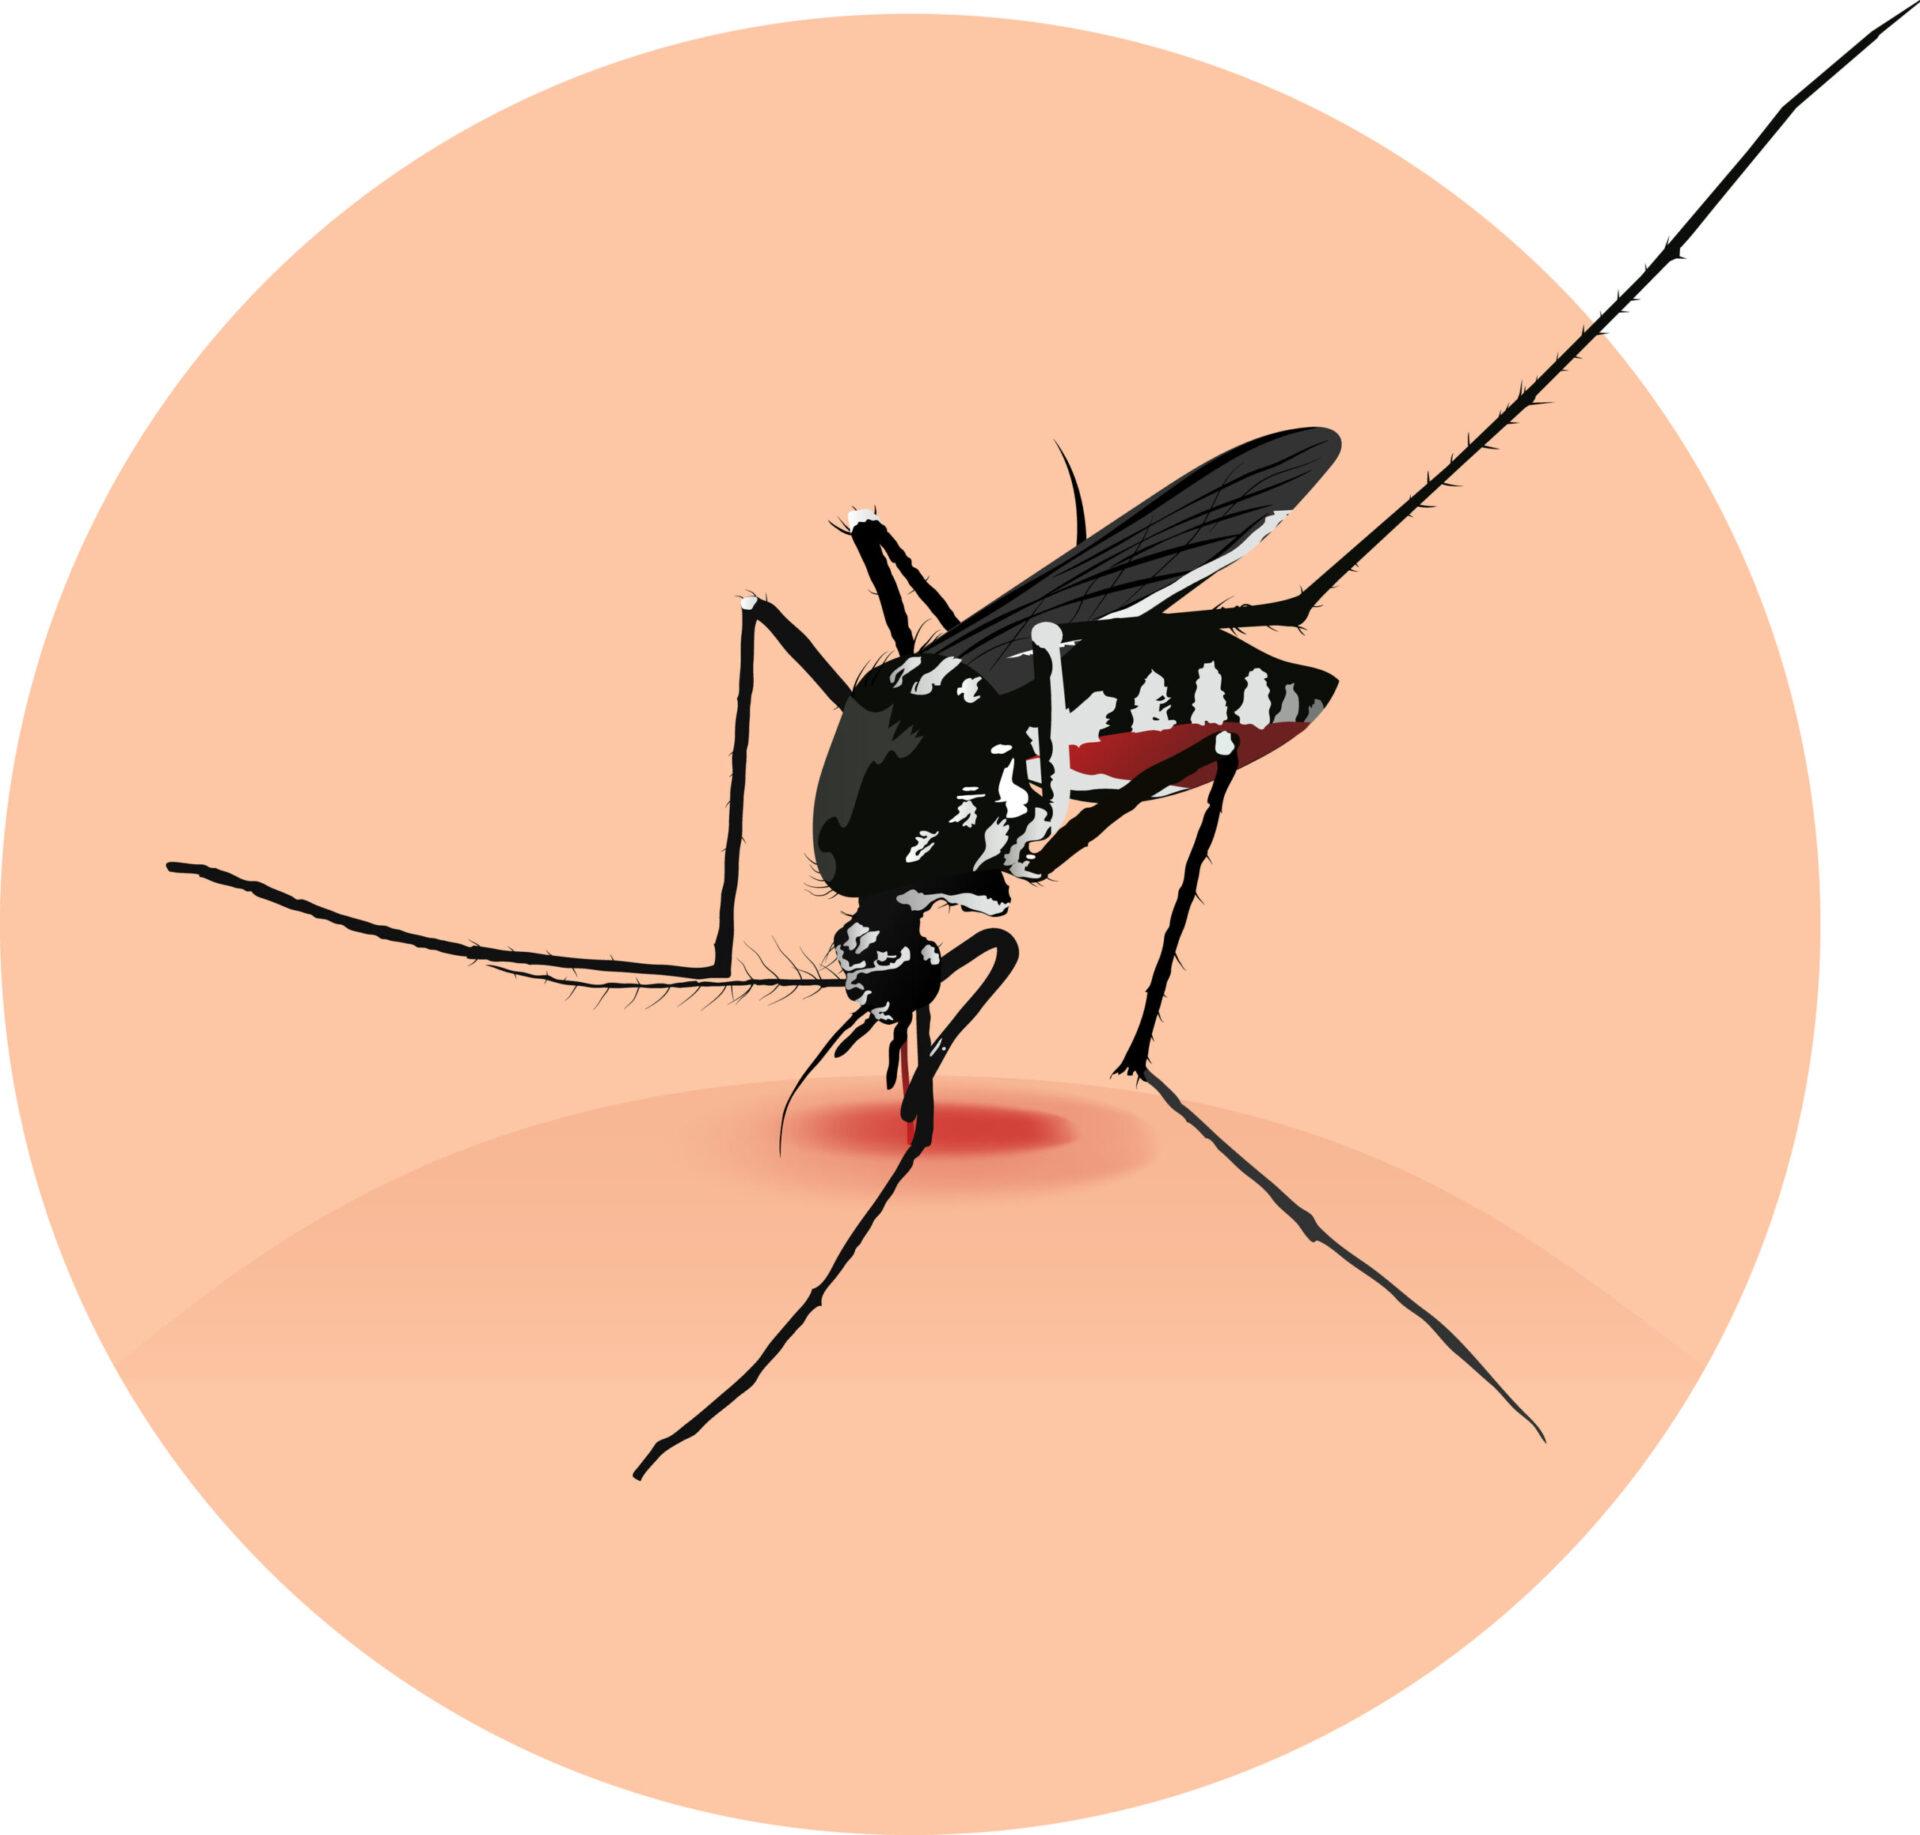 Vara suntem mai expuși înțepăturilor de insecte. De cele mai multe ori, ele provoacă disconfort temporar, dar în unele situații pot fi foarte periculoase pentru organism.